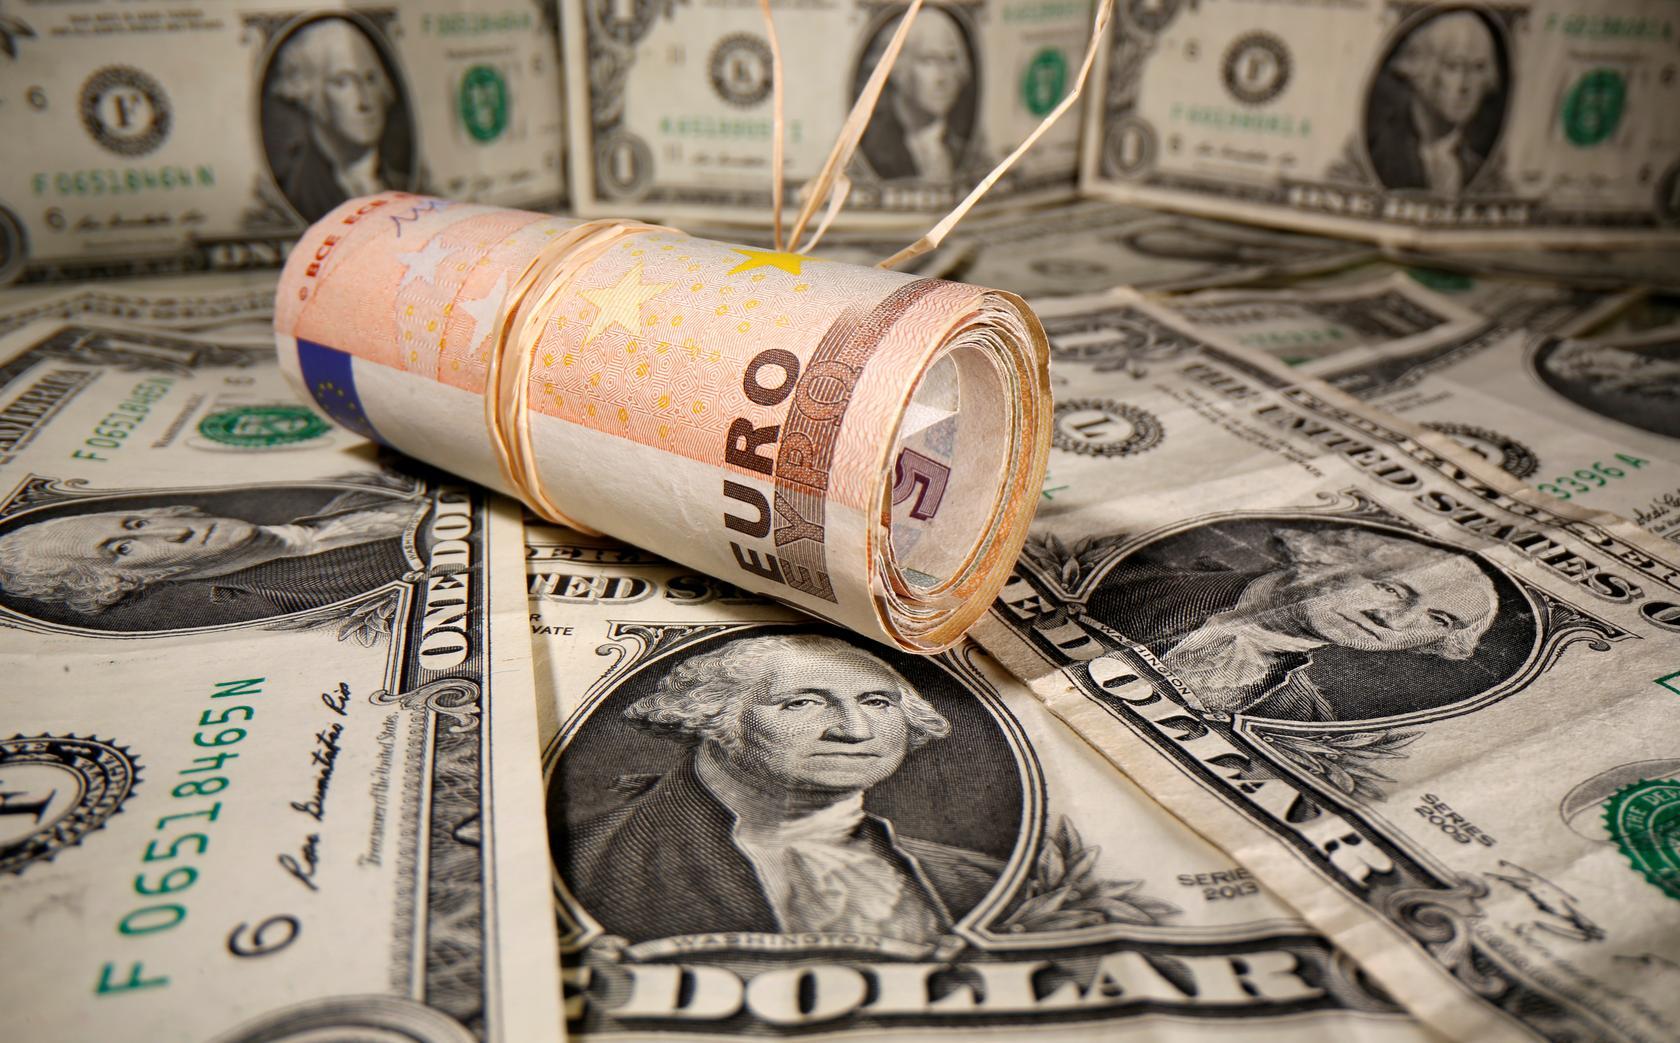 Tỷ giá USD hôm nay 5/1: Trượt dốc khi tâm lí đầu tư rủi ro lên cao - Ảnh 1.